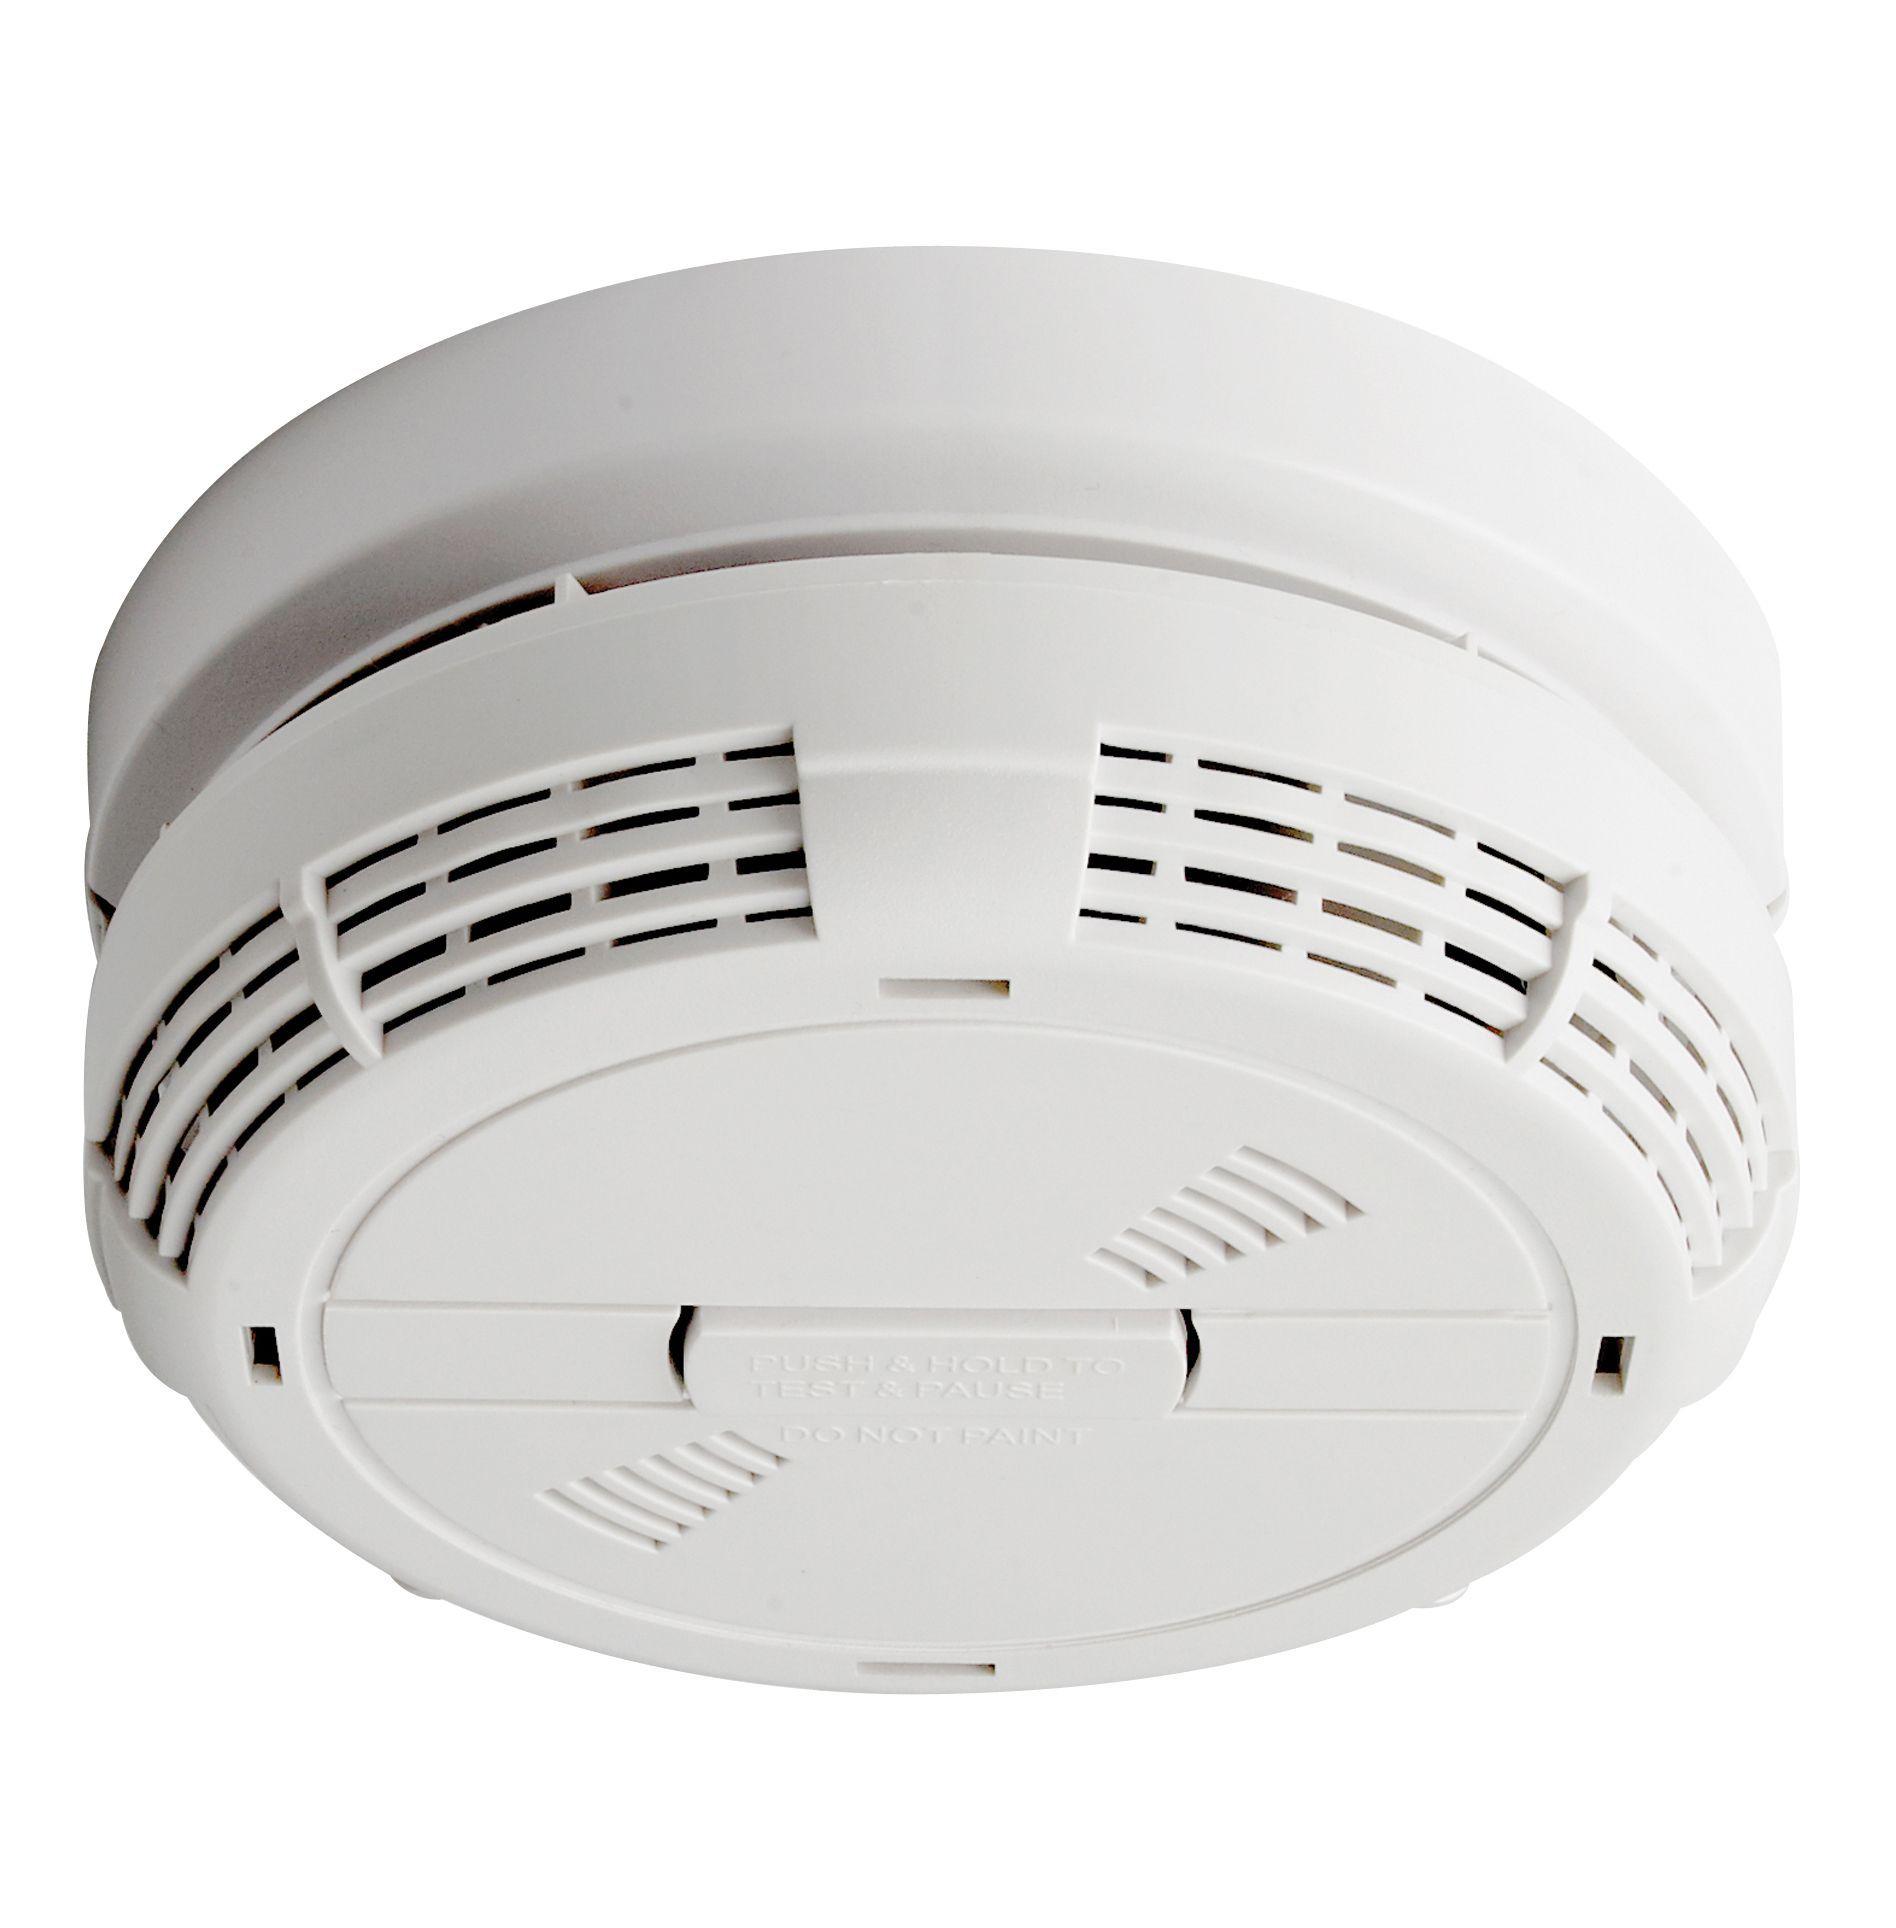 Decorative Smoke Detector Covers Decoratingspecial Com